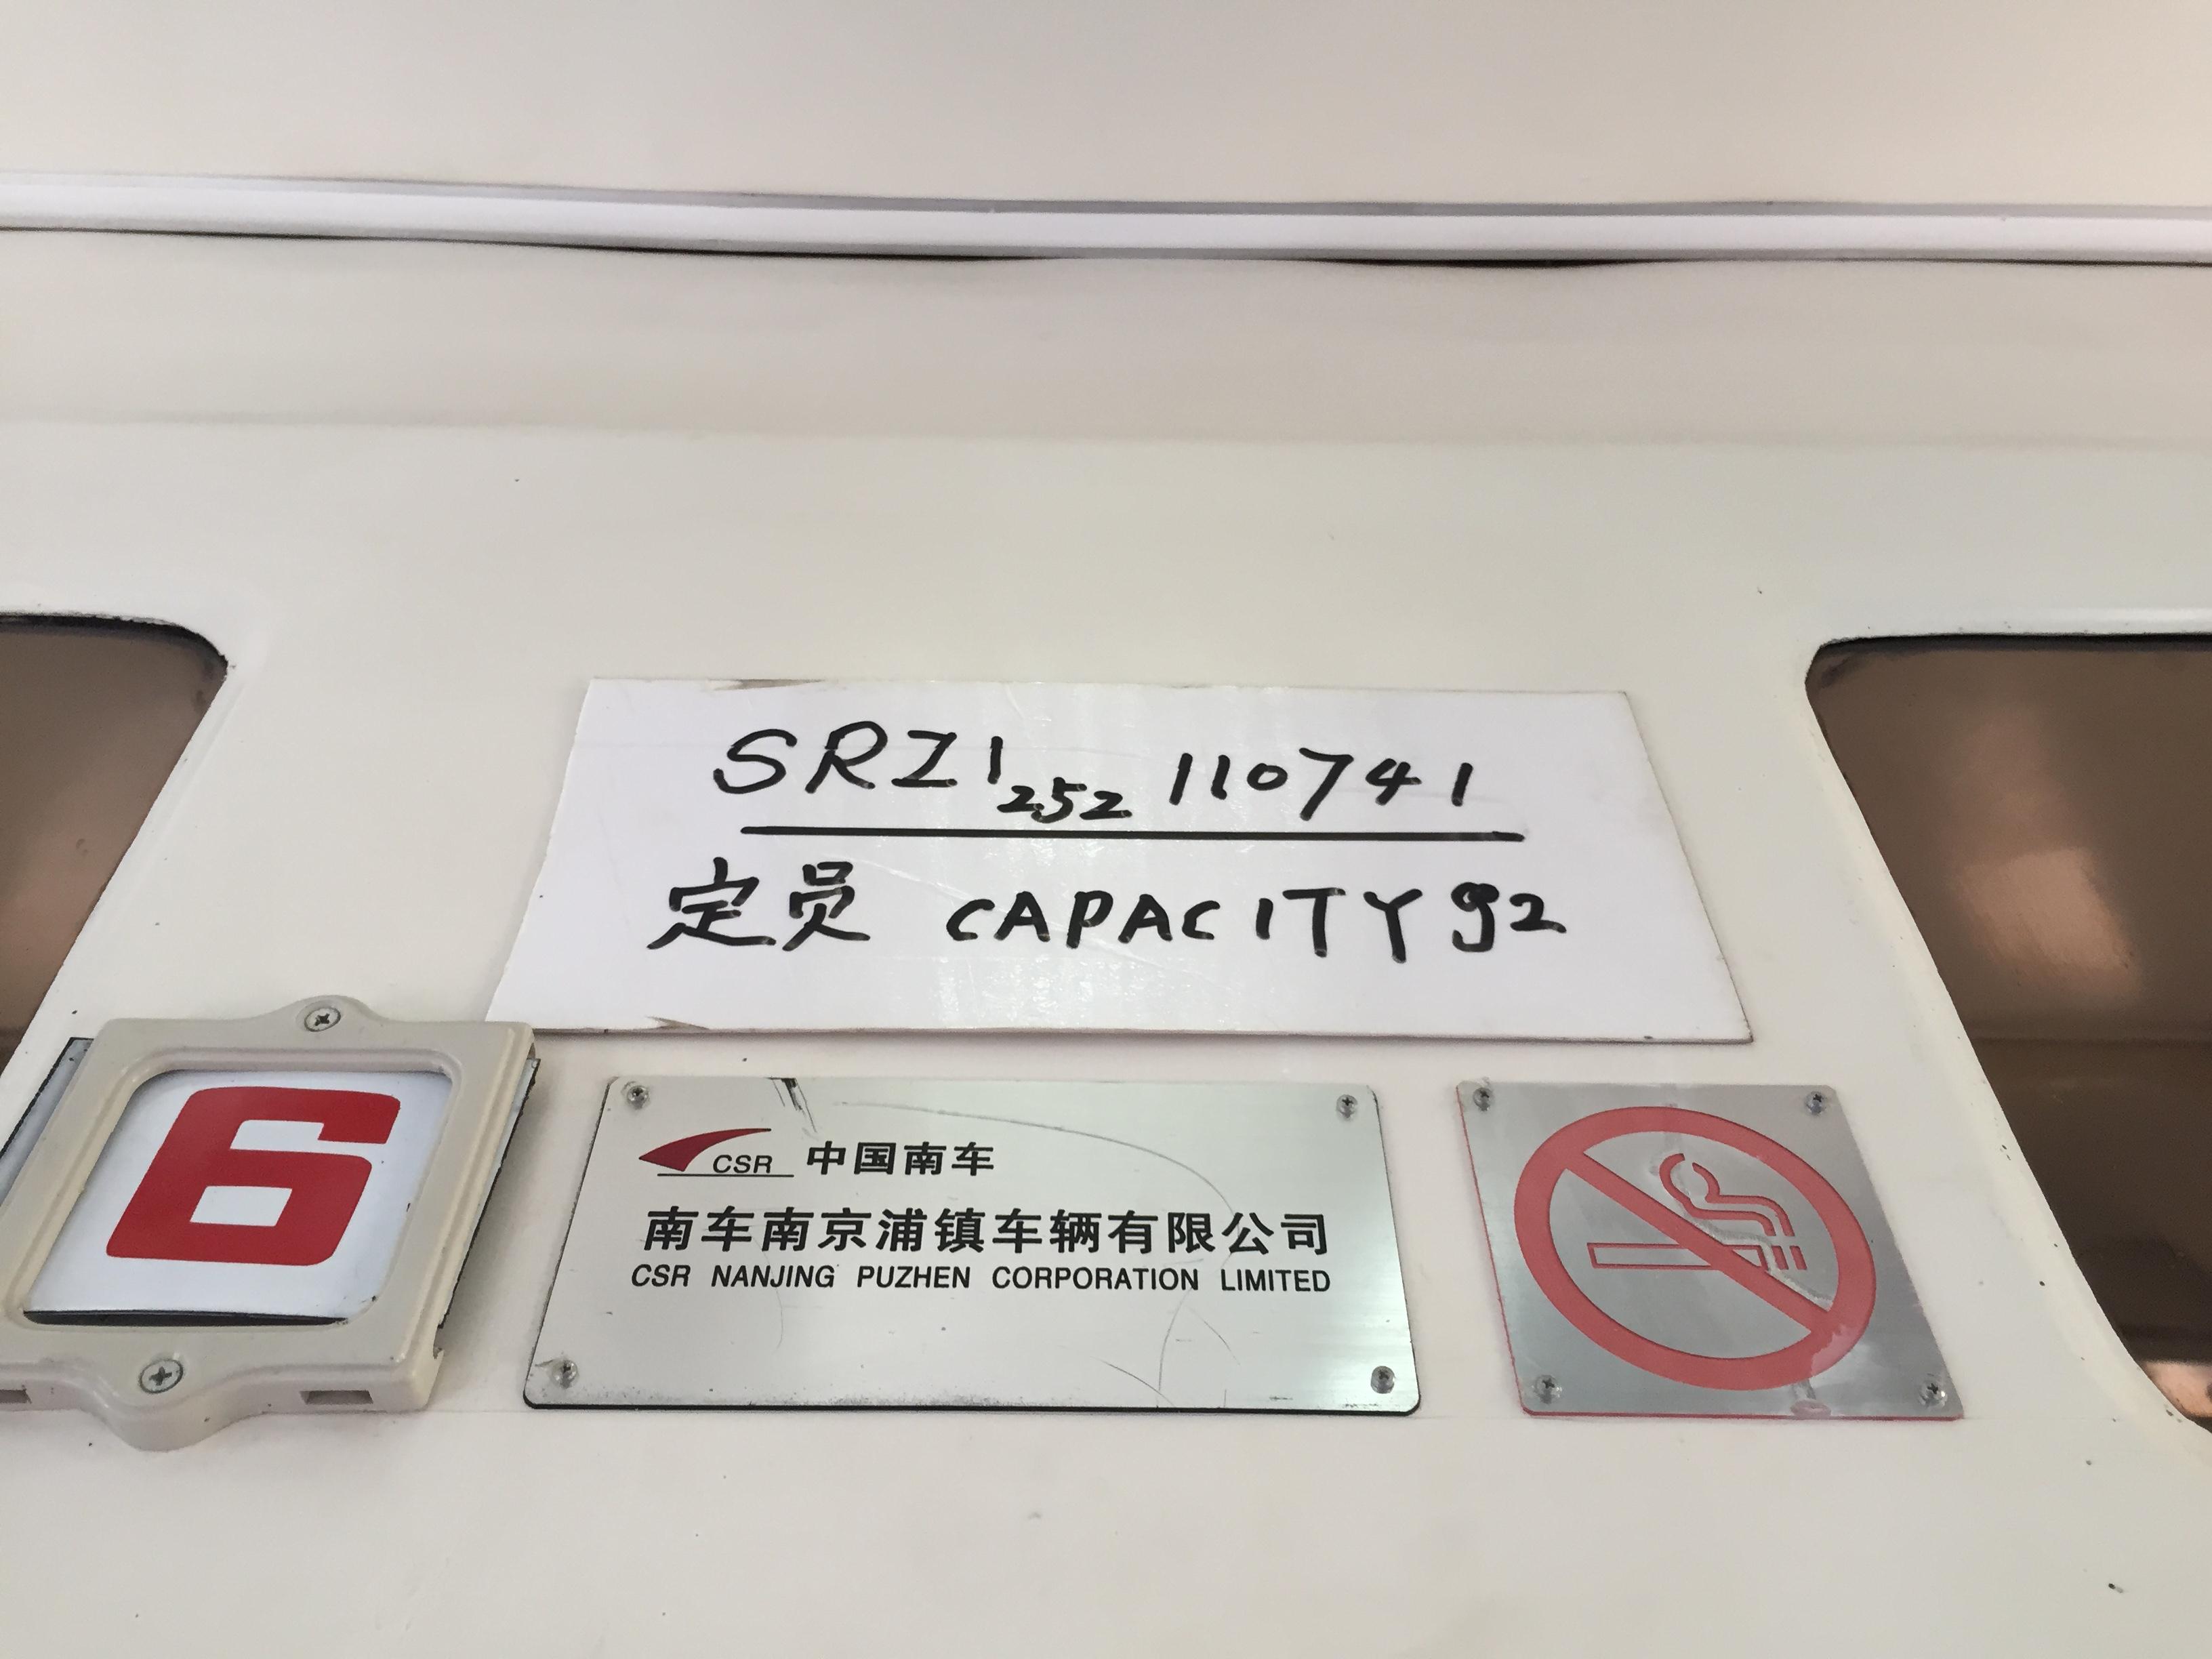 file paper nameplate of srz1 25z 110741 20160428101234 jpg